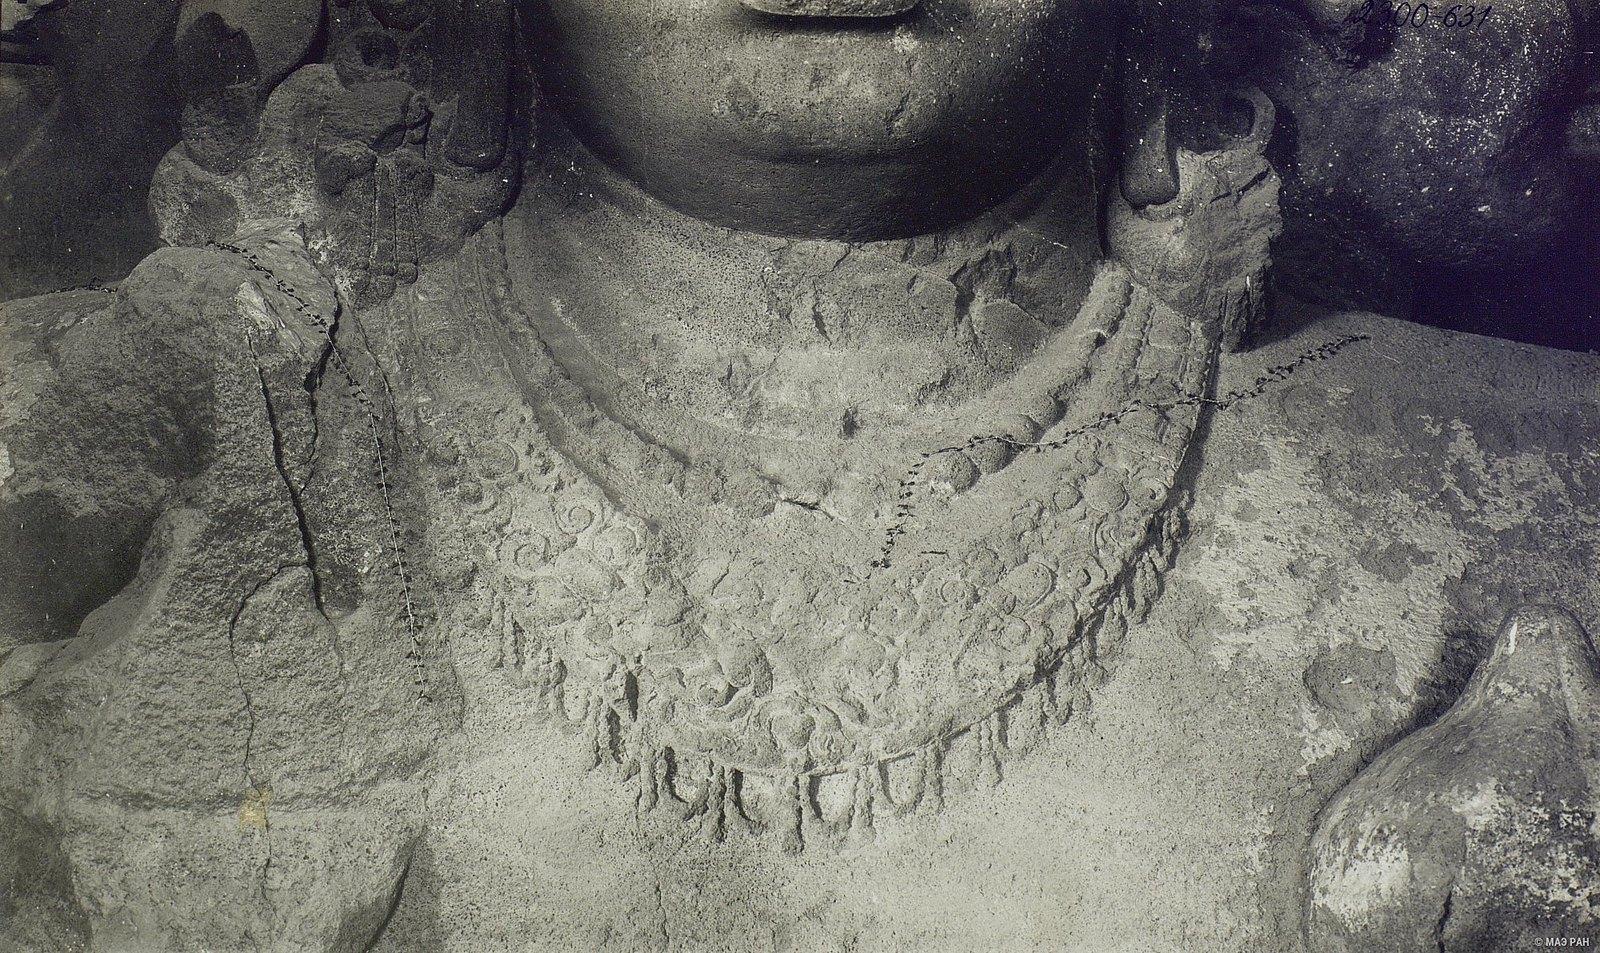 Пещерный храм в Элефанте (деталь скульптурного изображения Тримурти) (3)